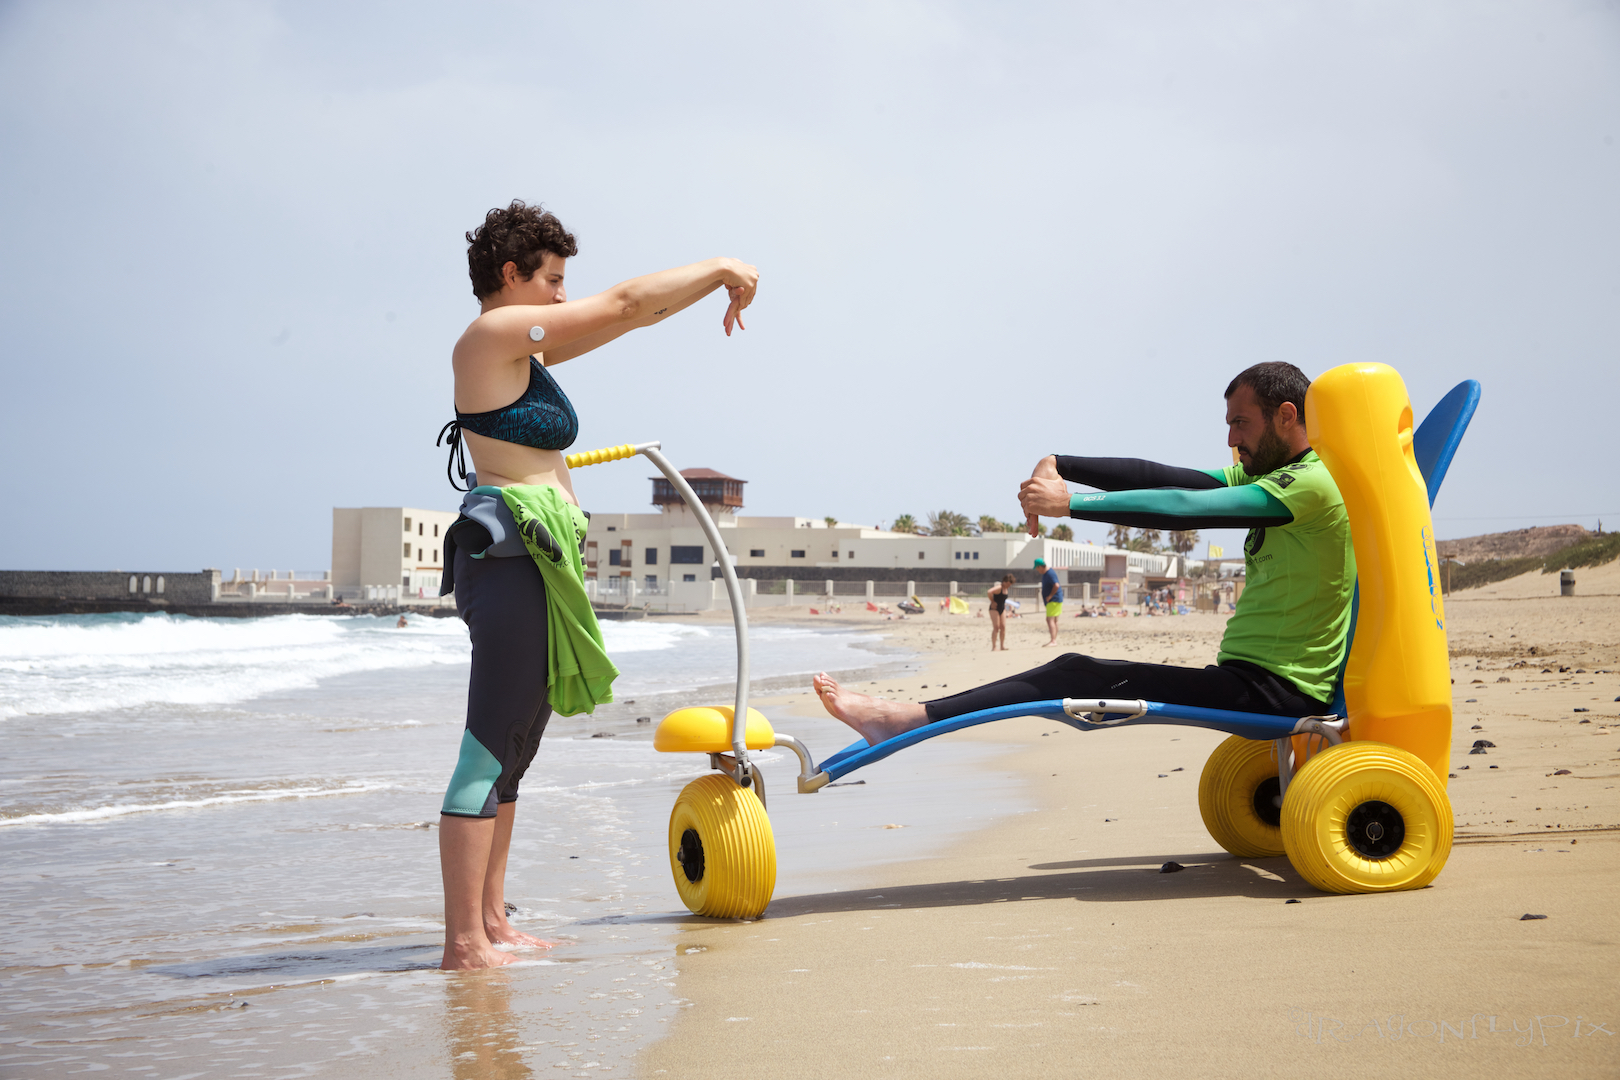 surf adaptado adaptivesurfingIMG_0248.jpg